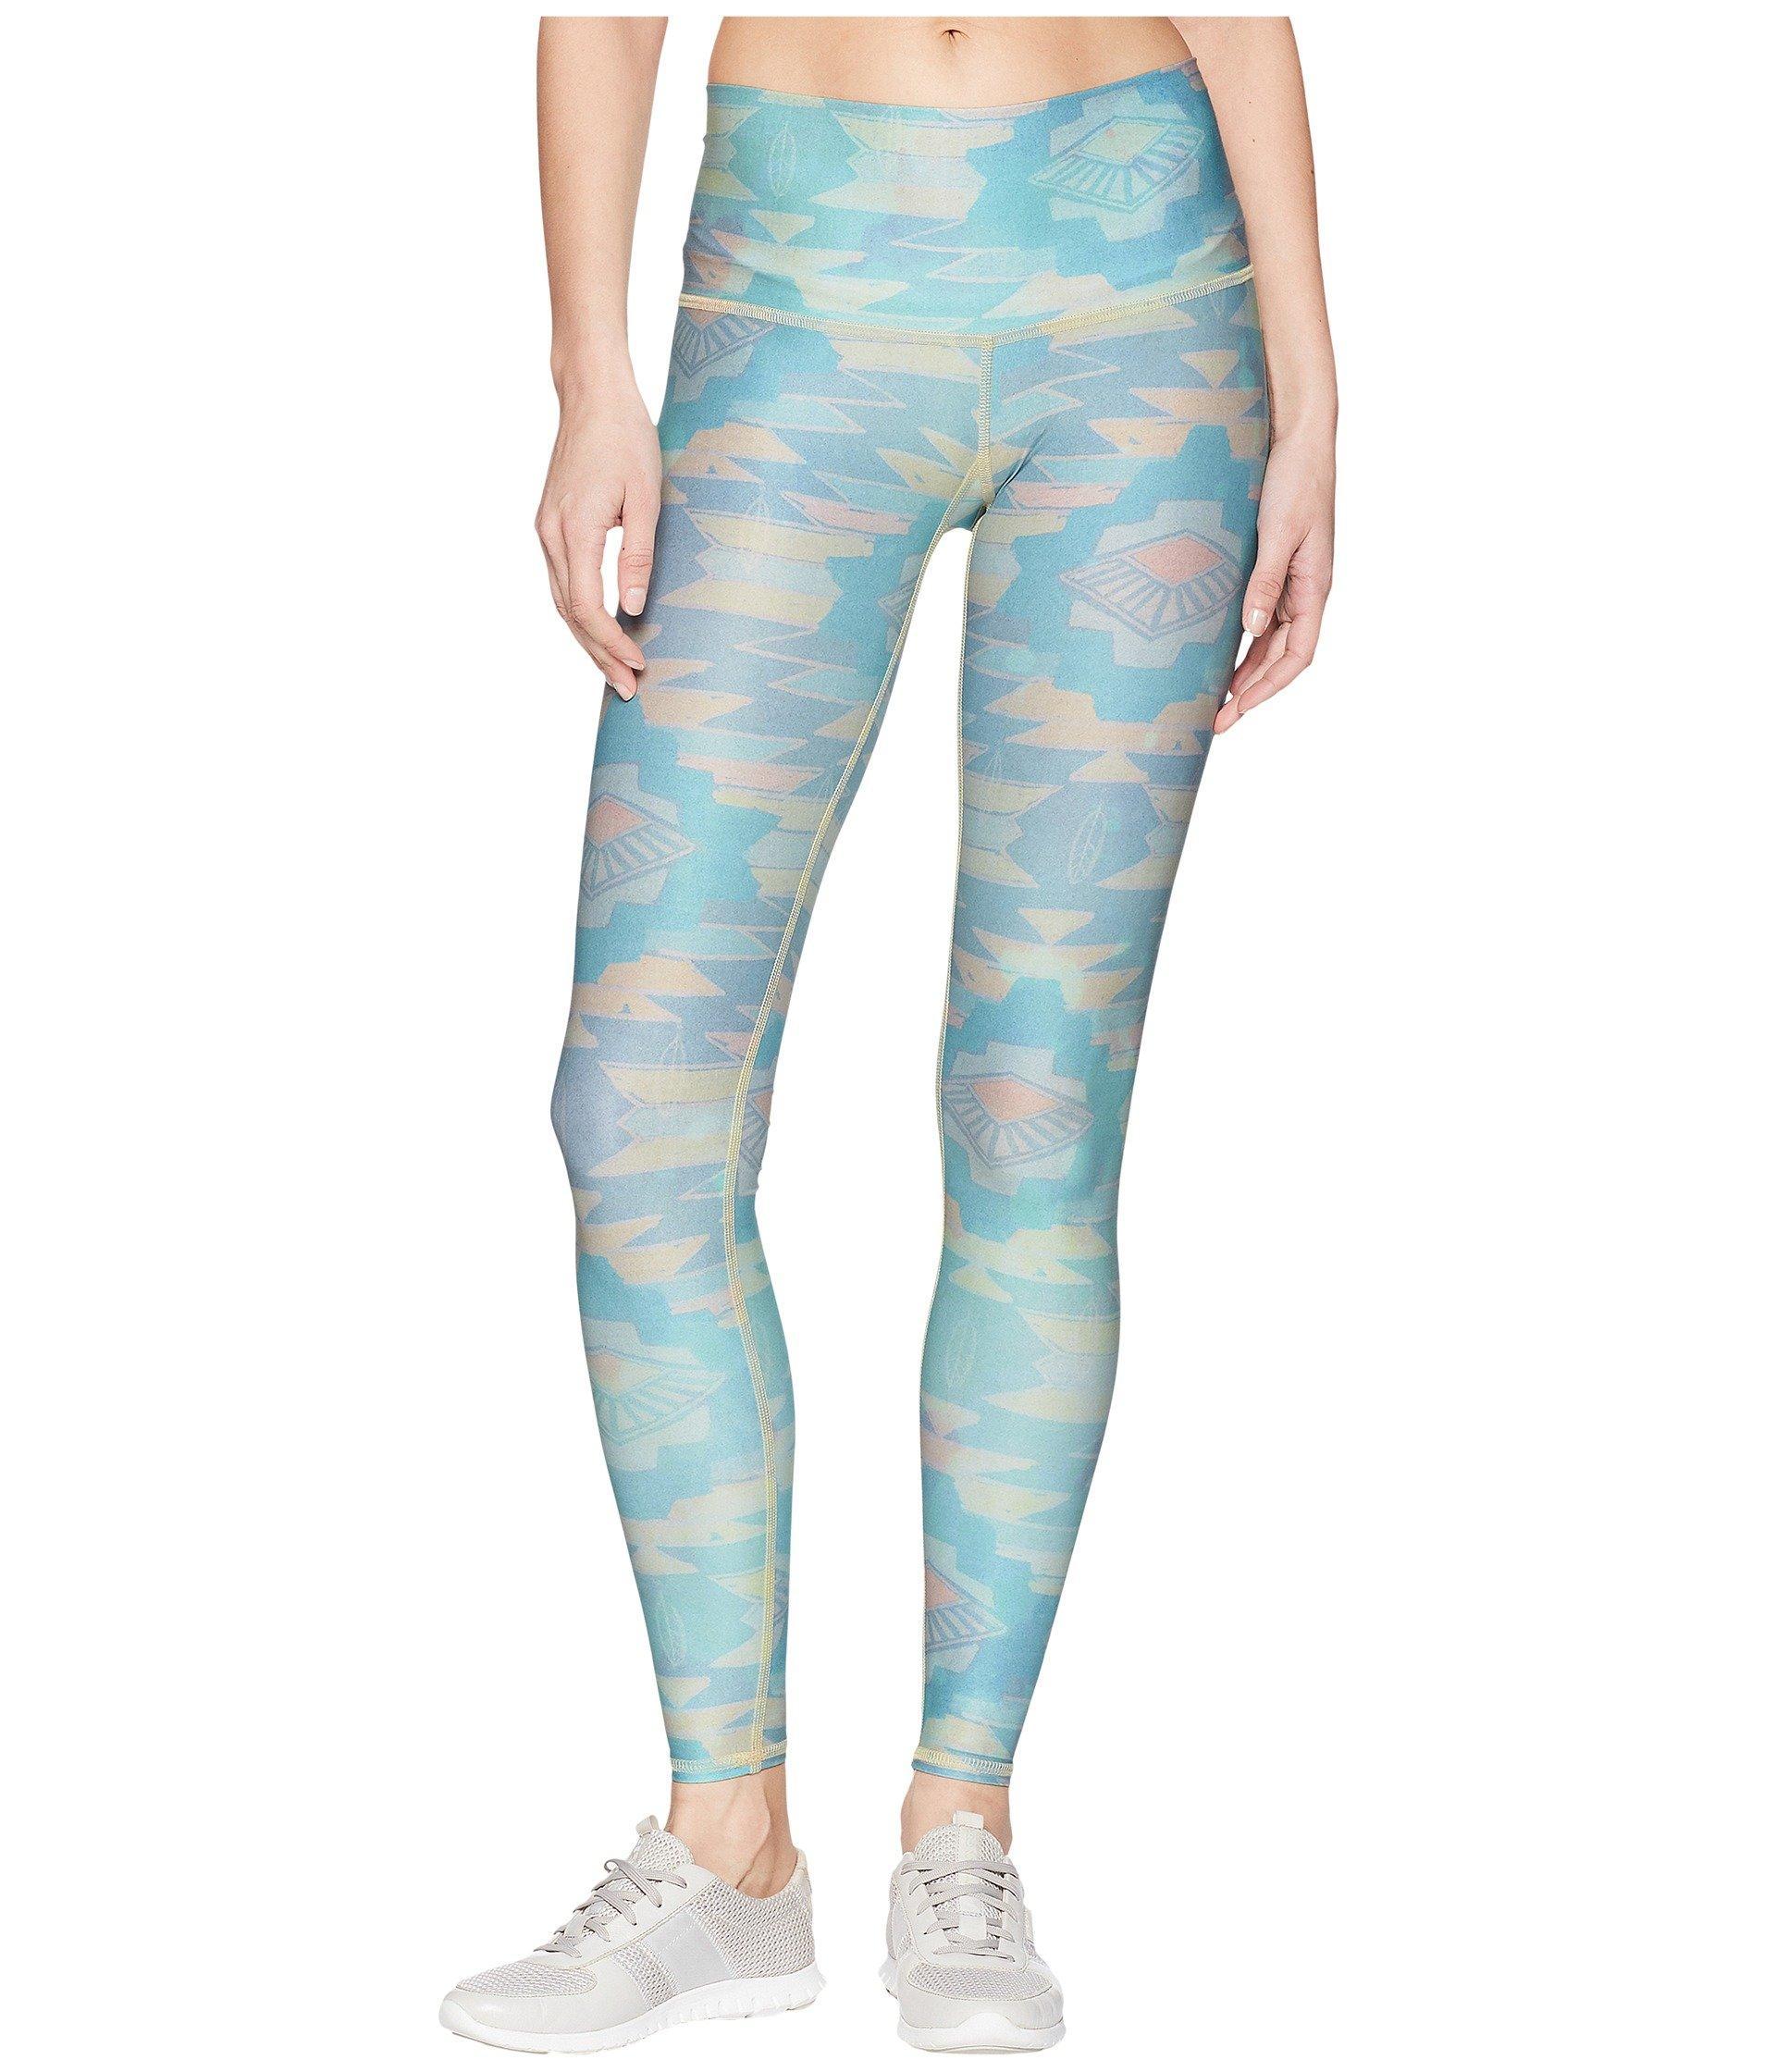 e04737c8c6 Lyst - Teeki Southern Cross Hot Pants in Blue